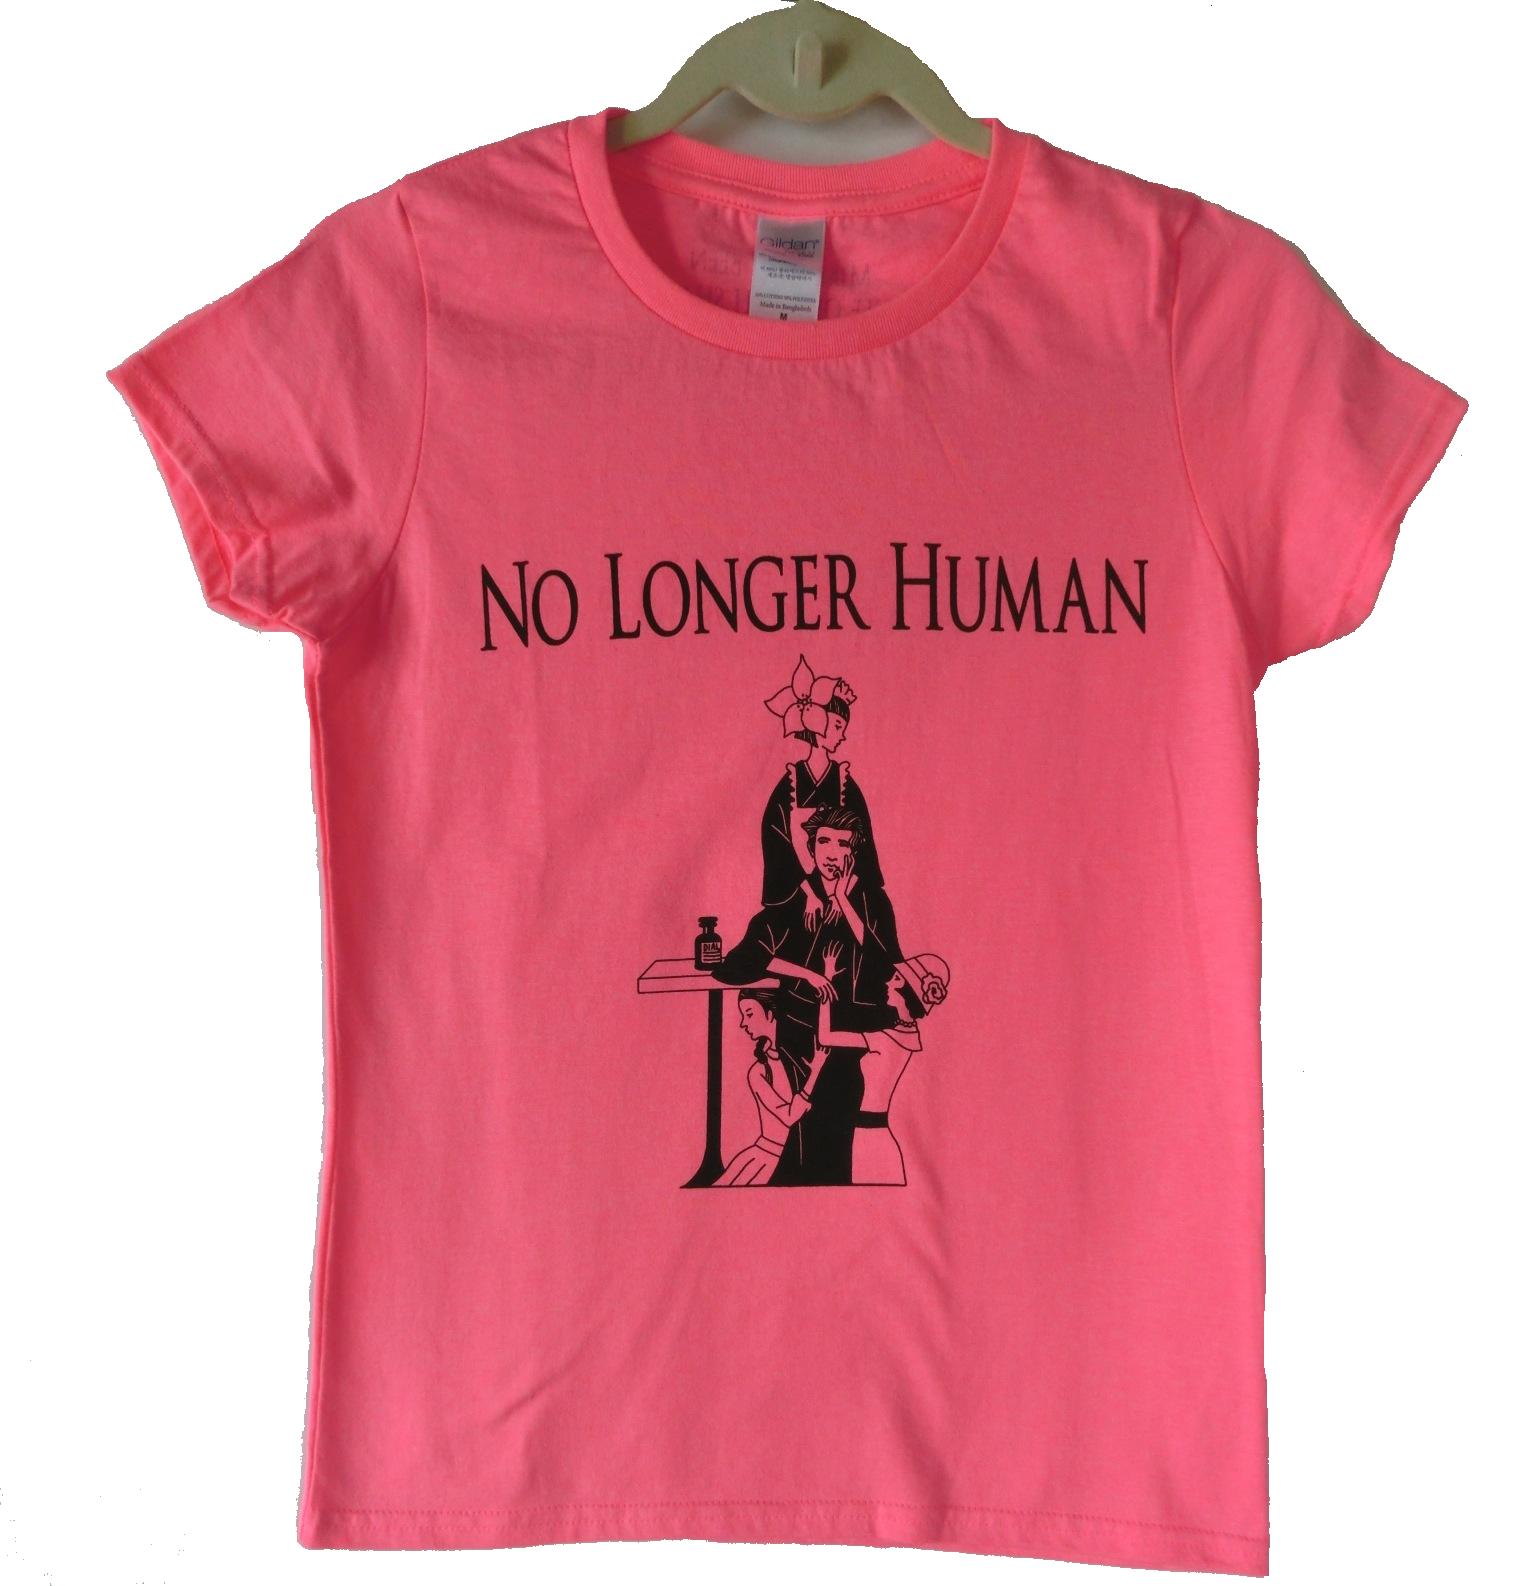 太宰治TシャツB レディーズサイズ 色:ピンク